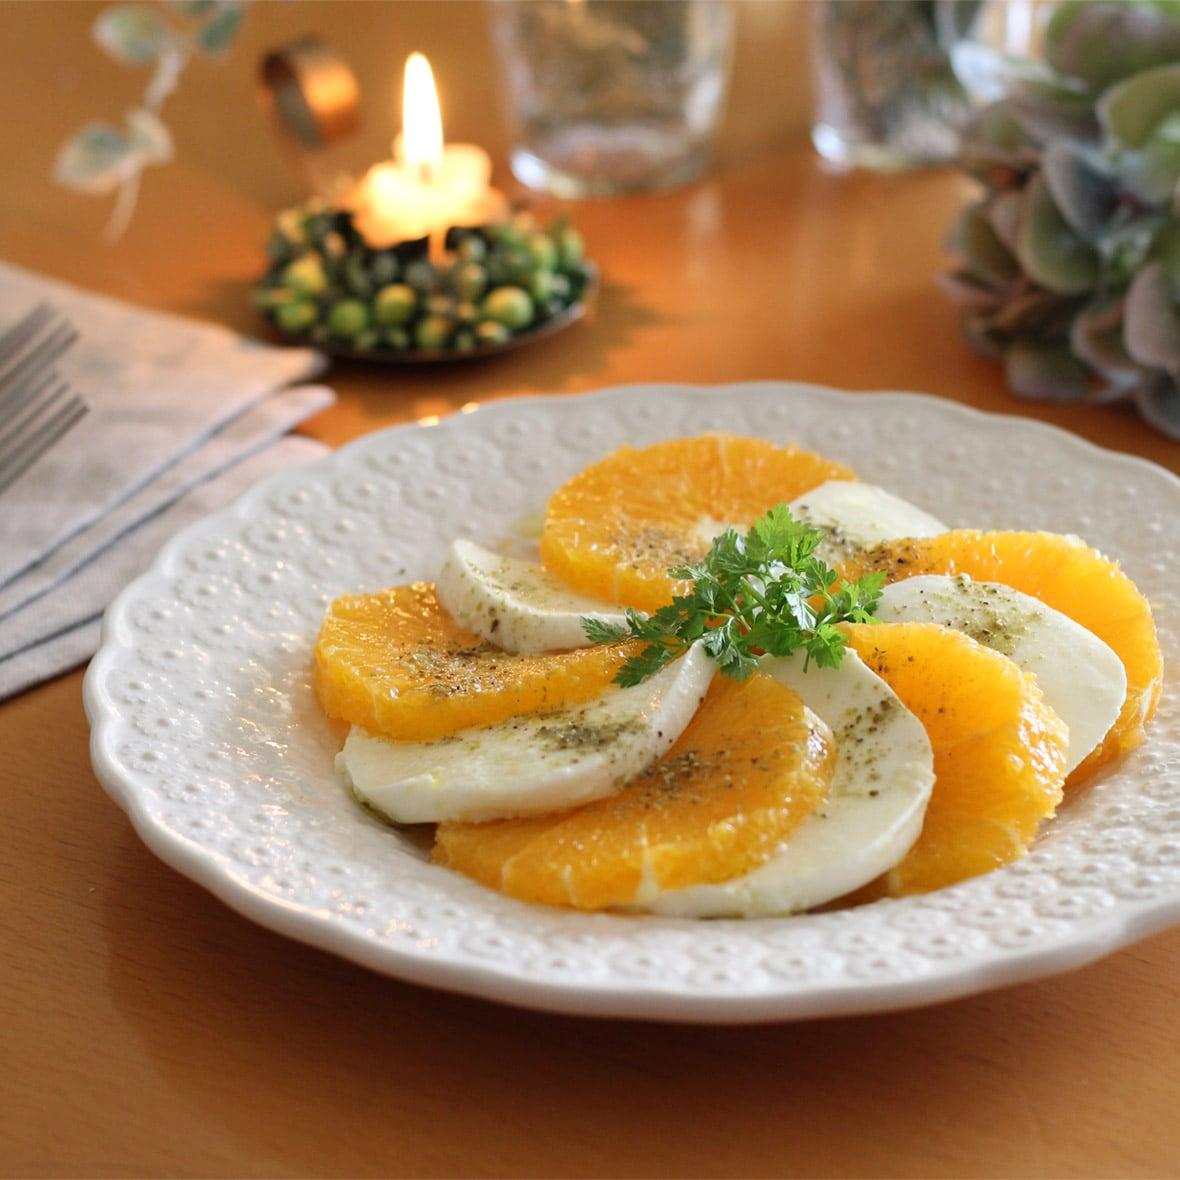 山椒のピリッと感がアクセント!オレンジとモッツァレラチーズのサラダ